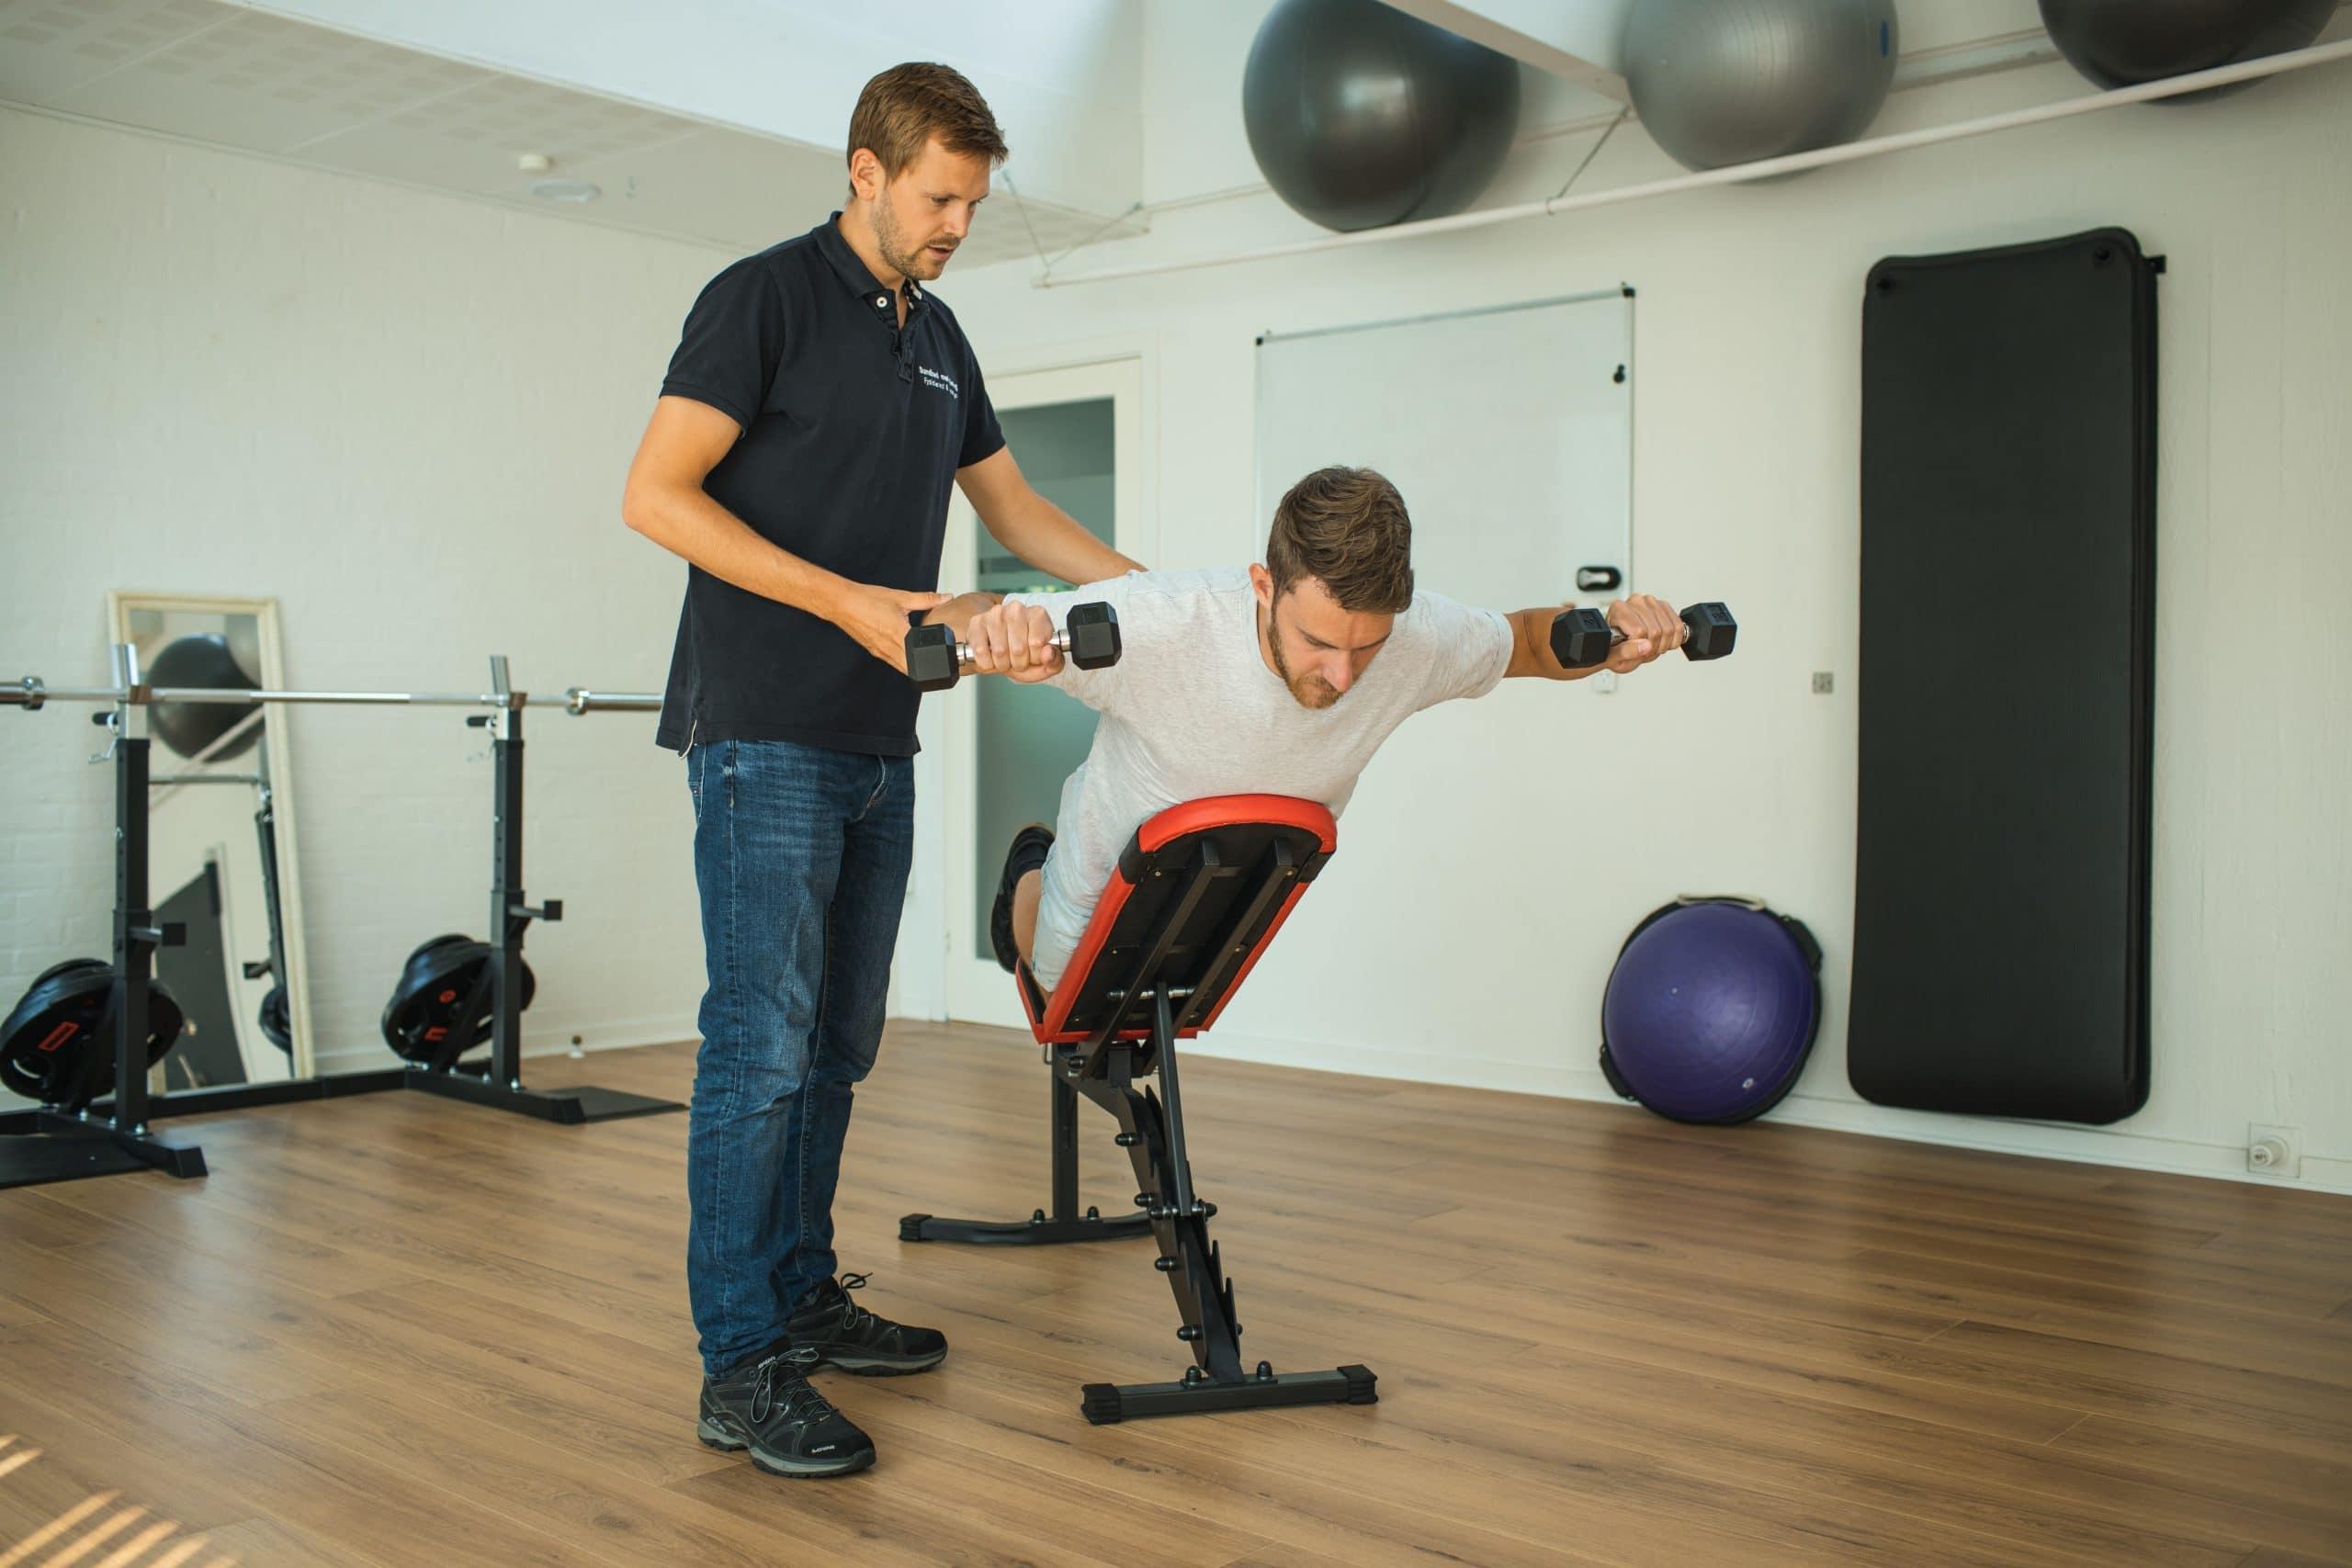 Træning hos Sundhed Med Mening